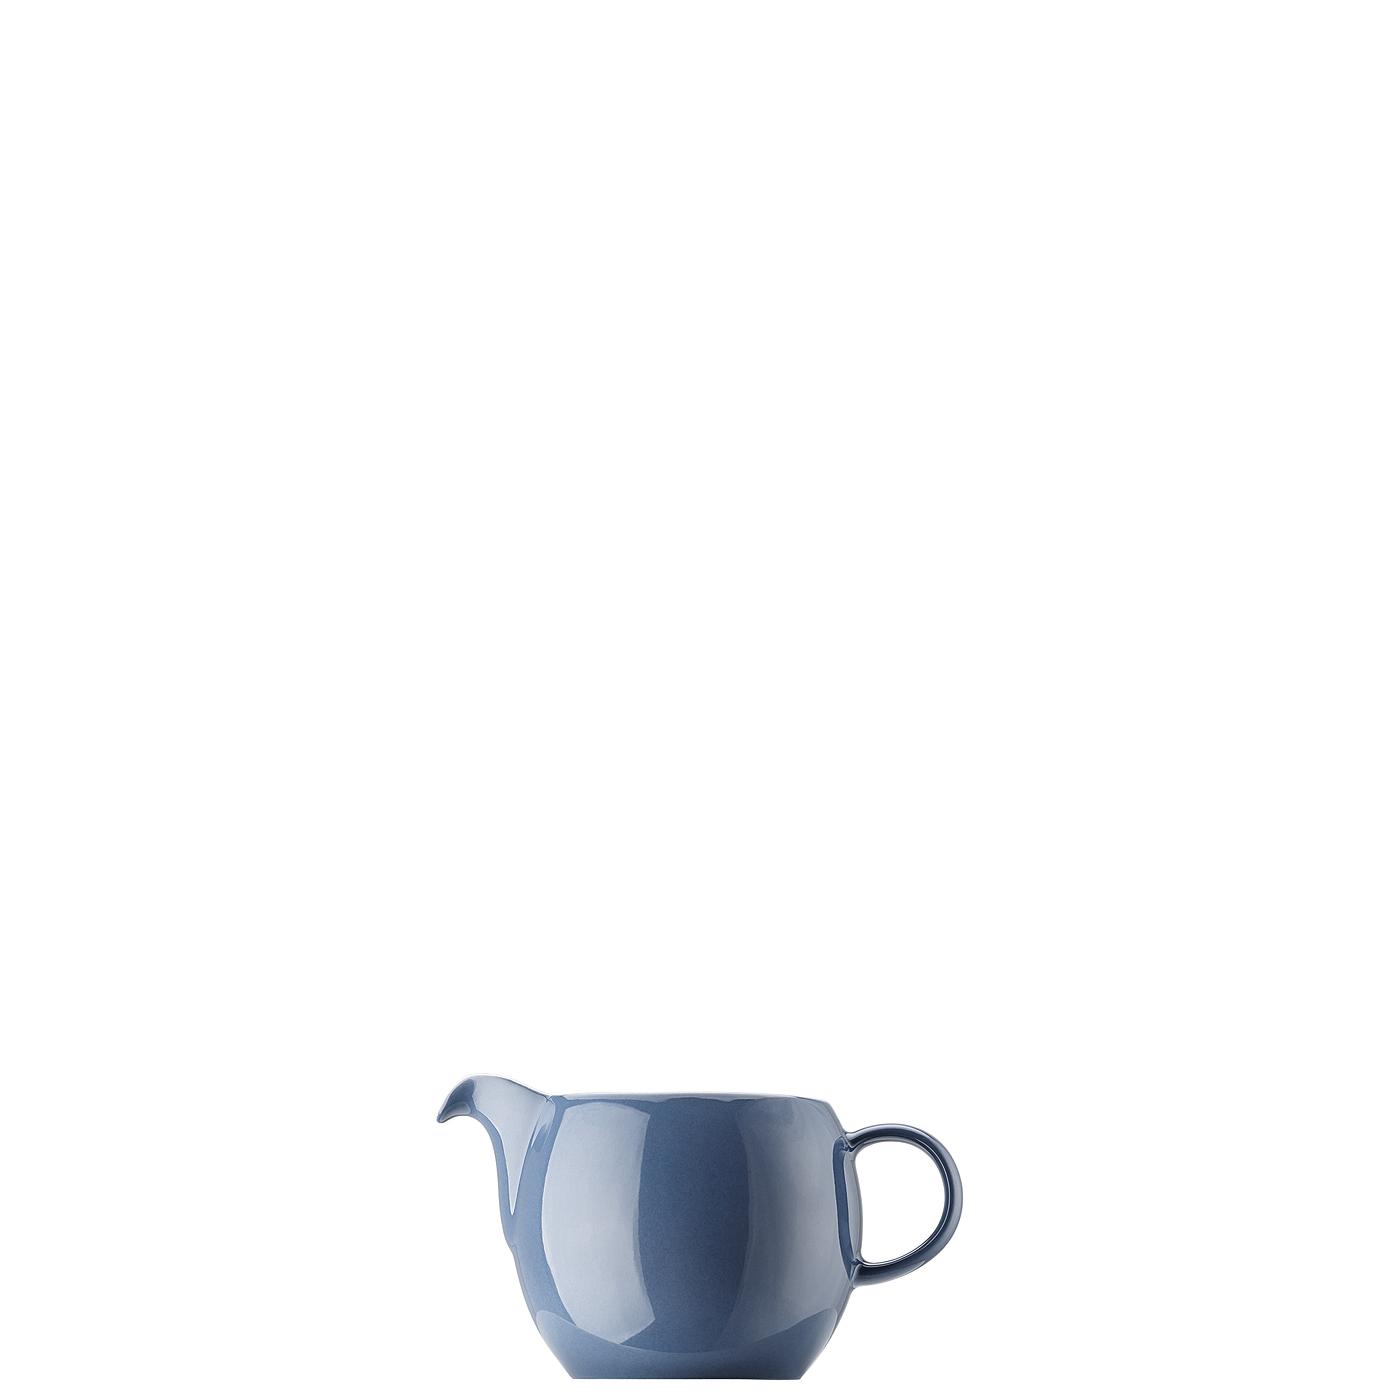 Milchkännchen 6 P. Sunny Day Nordic Blue Thomas Porzellan